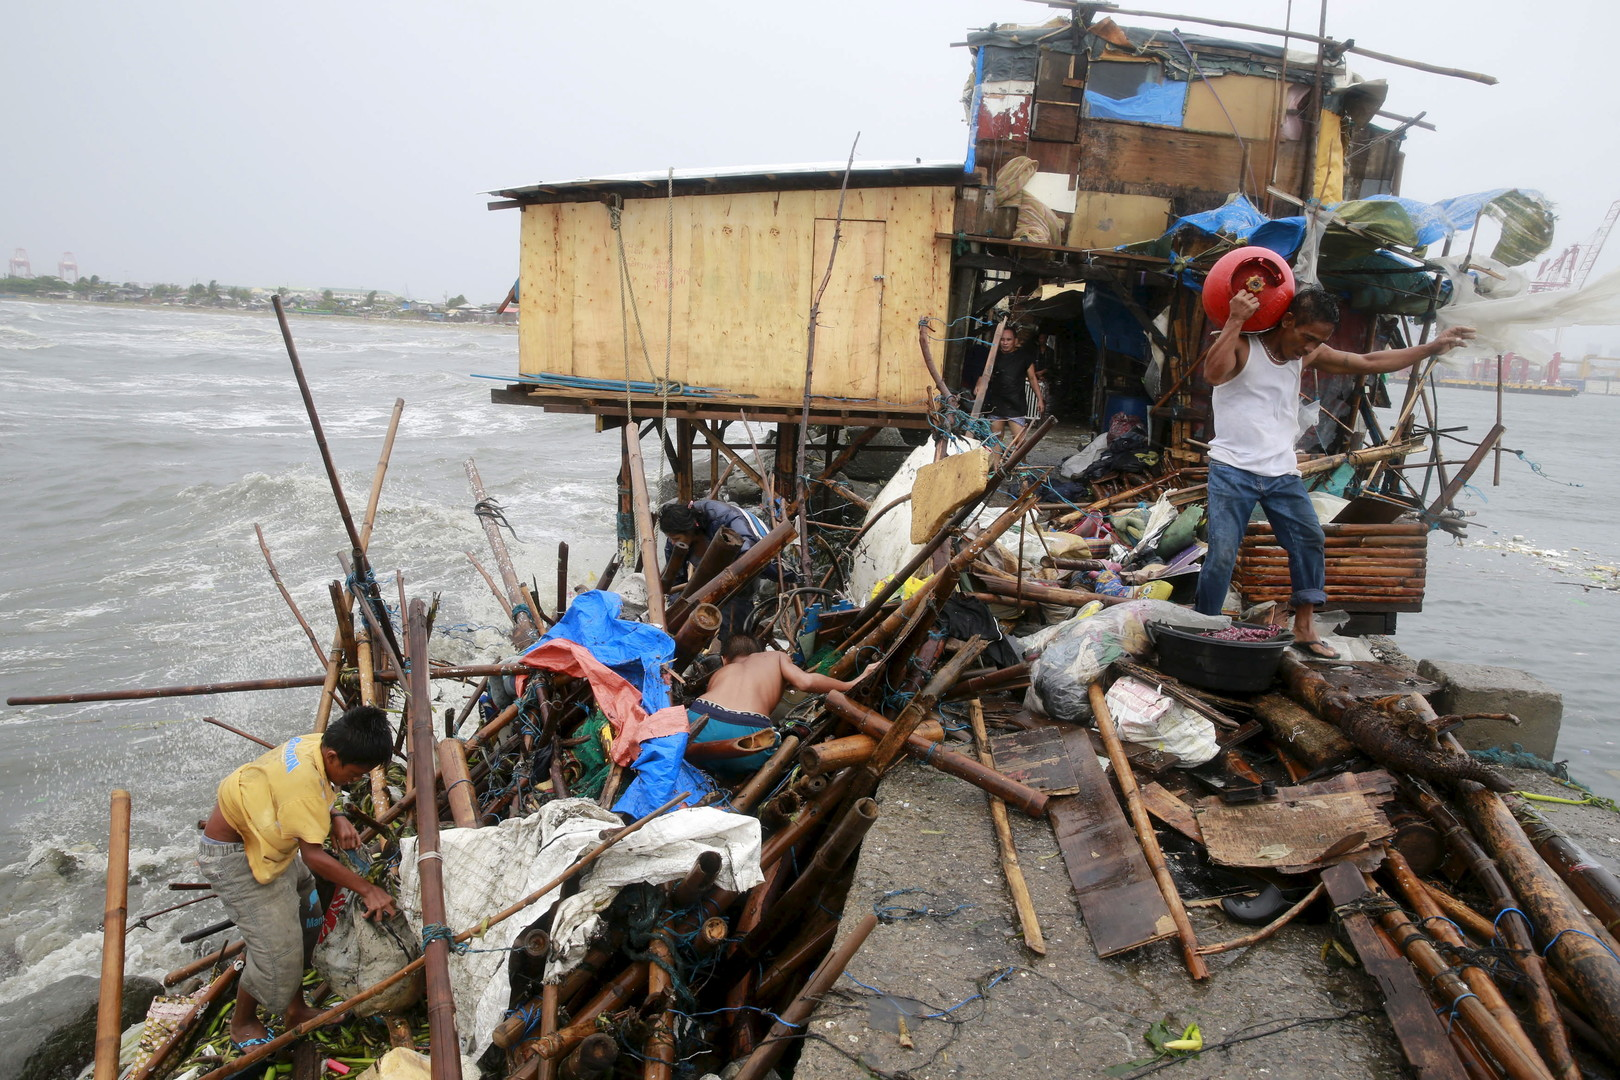 Une famille cherche le long de la côte de la baie de Manille des biens récupérables après la destruction de leur maison